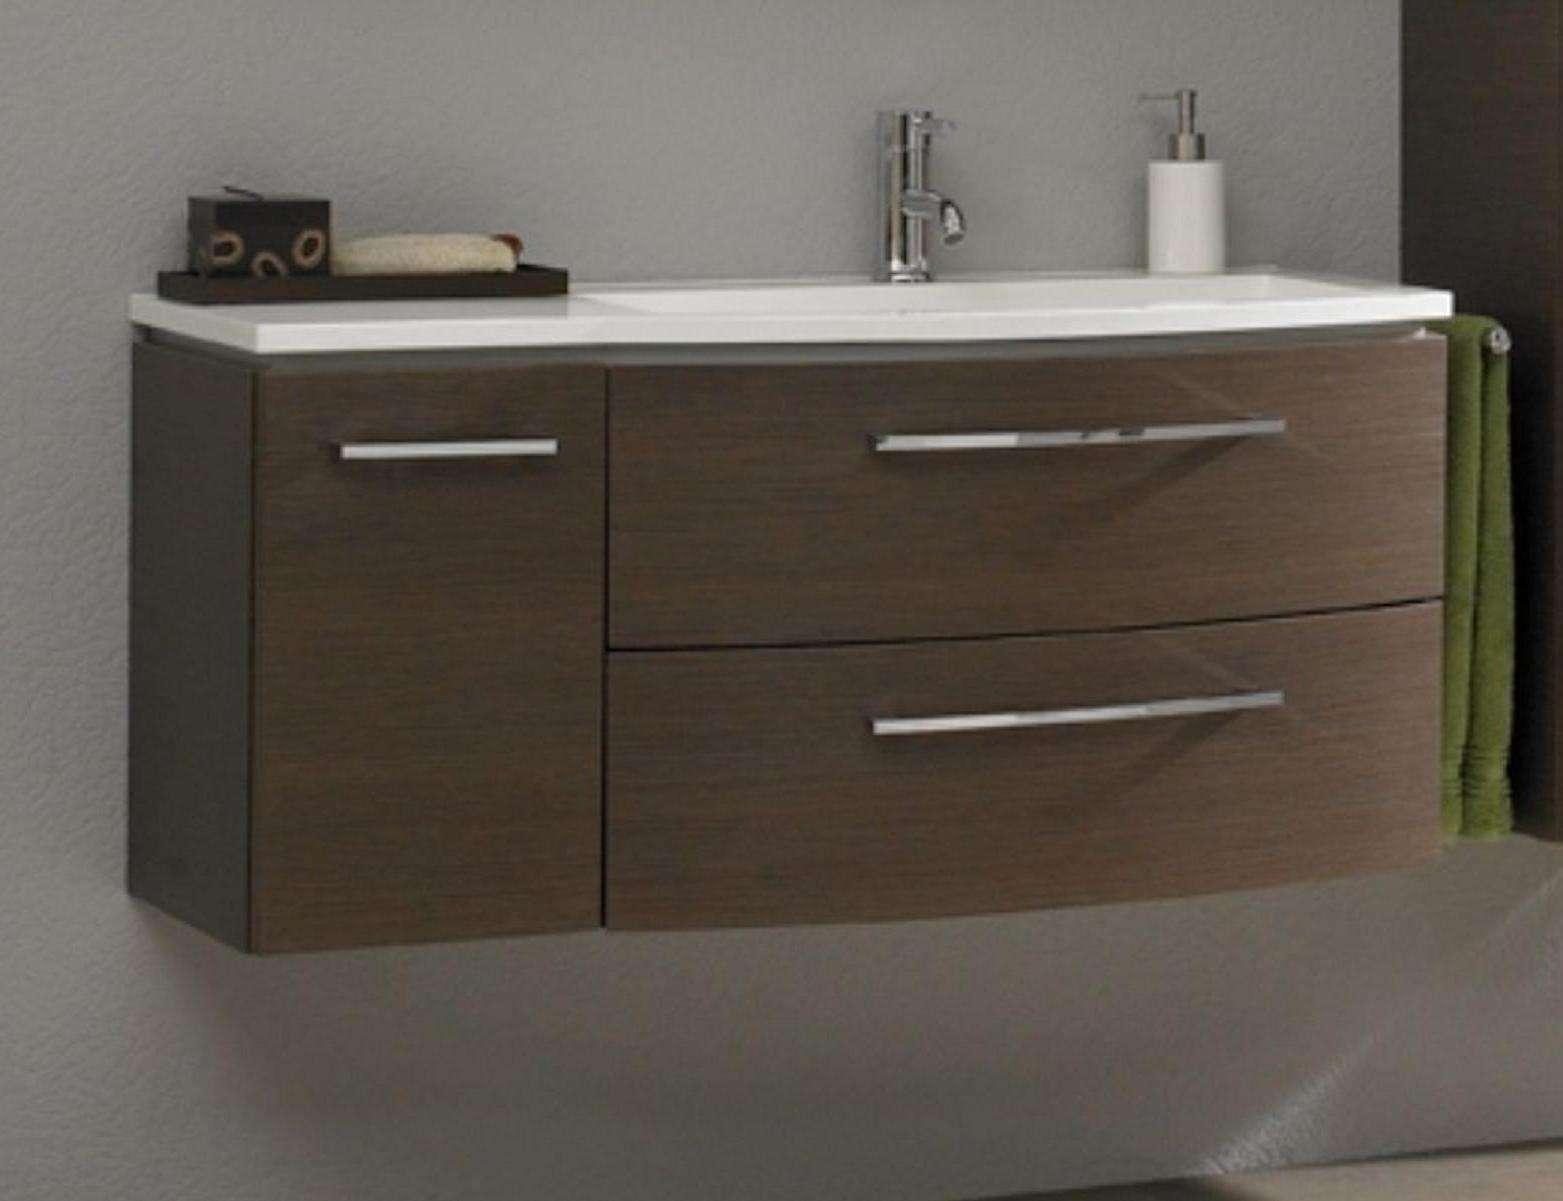 waschtisch mit 65 cm breit badmbelset fontana mit waschtisch teilig cm breit with waschtisch. Black Bedroom Furniture Sets. Home Design Ideas